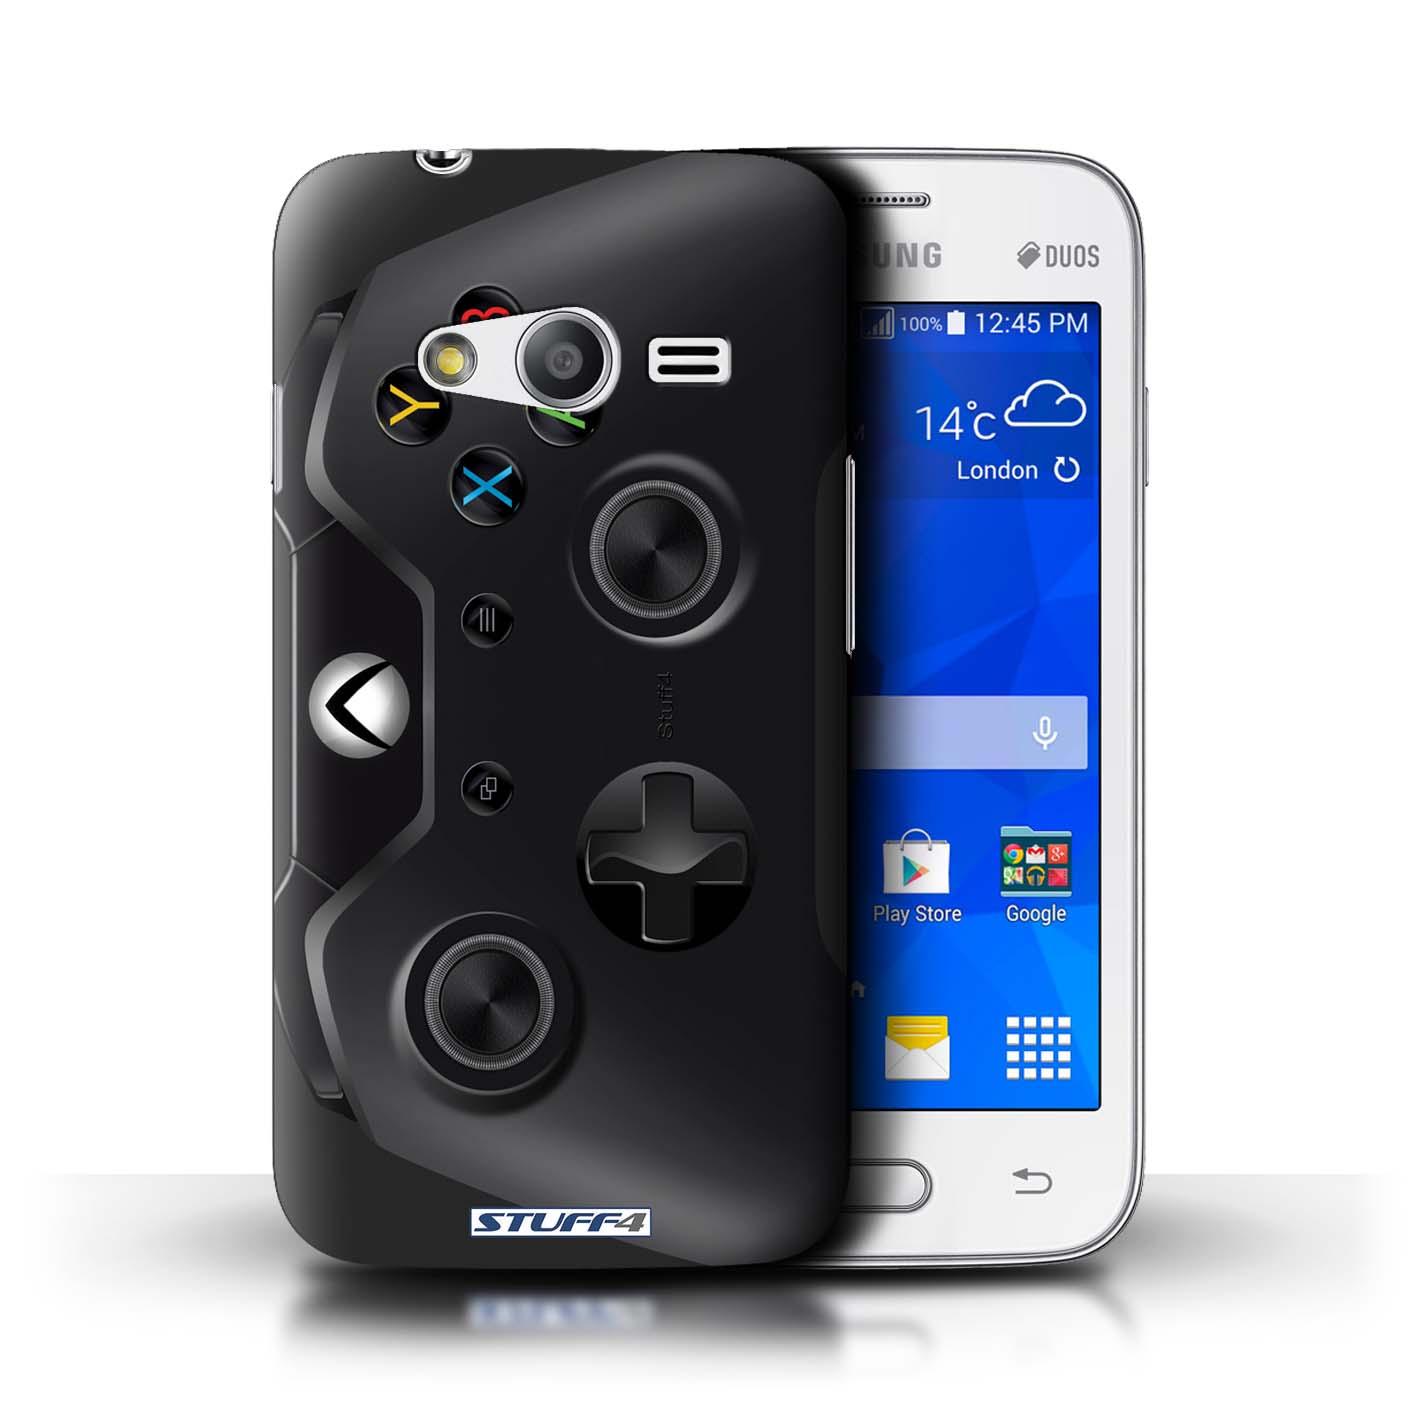 Tongue Emoticon Emoji Design for Samsung Galaxy V G313 Clear Hard Back Case